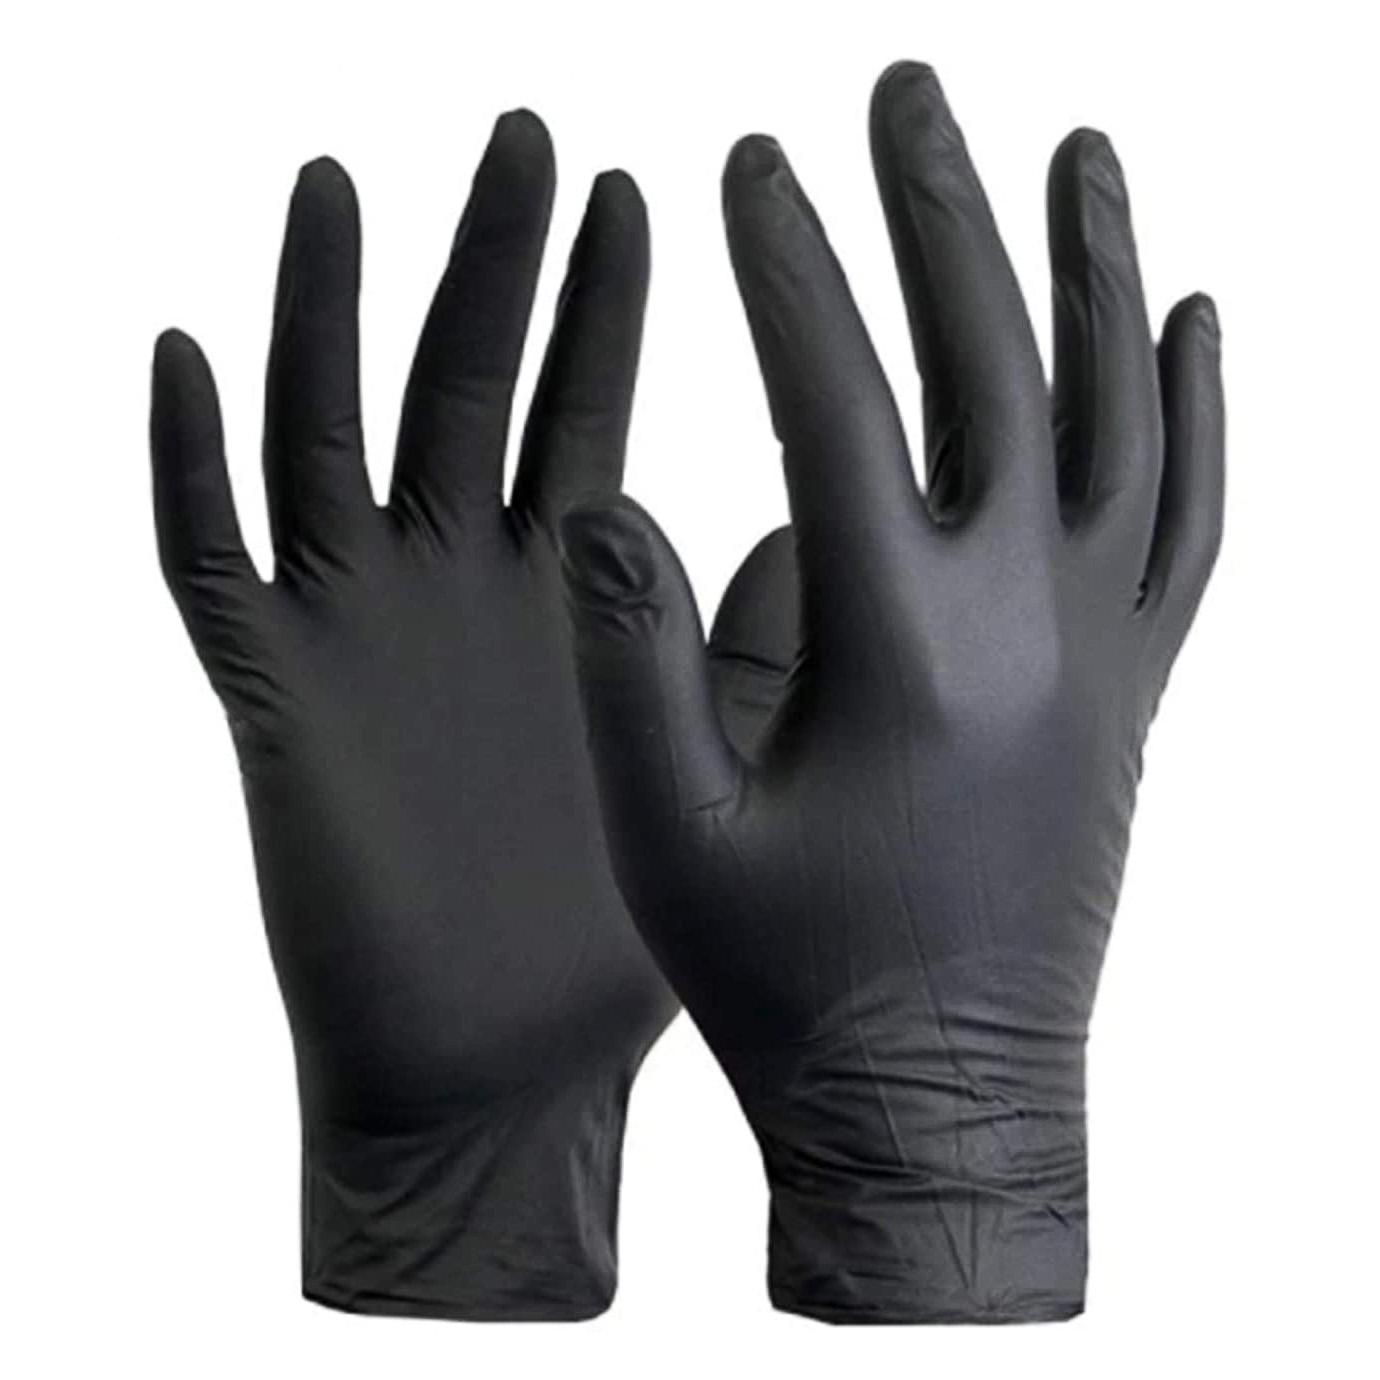 Перчатки нитриловые неопудренные Nitnle gloves , размер M, 100шт./уп., черн.